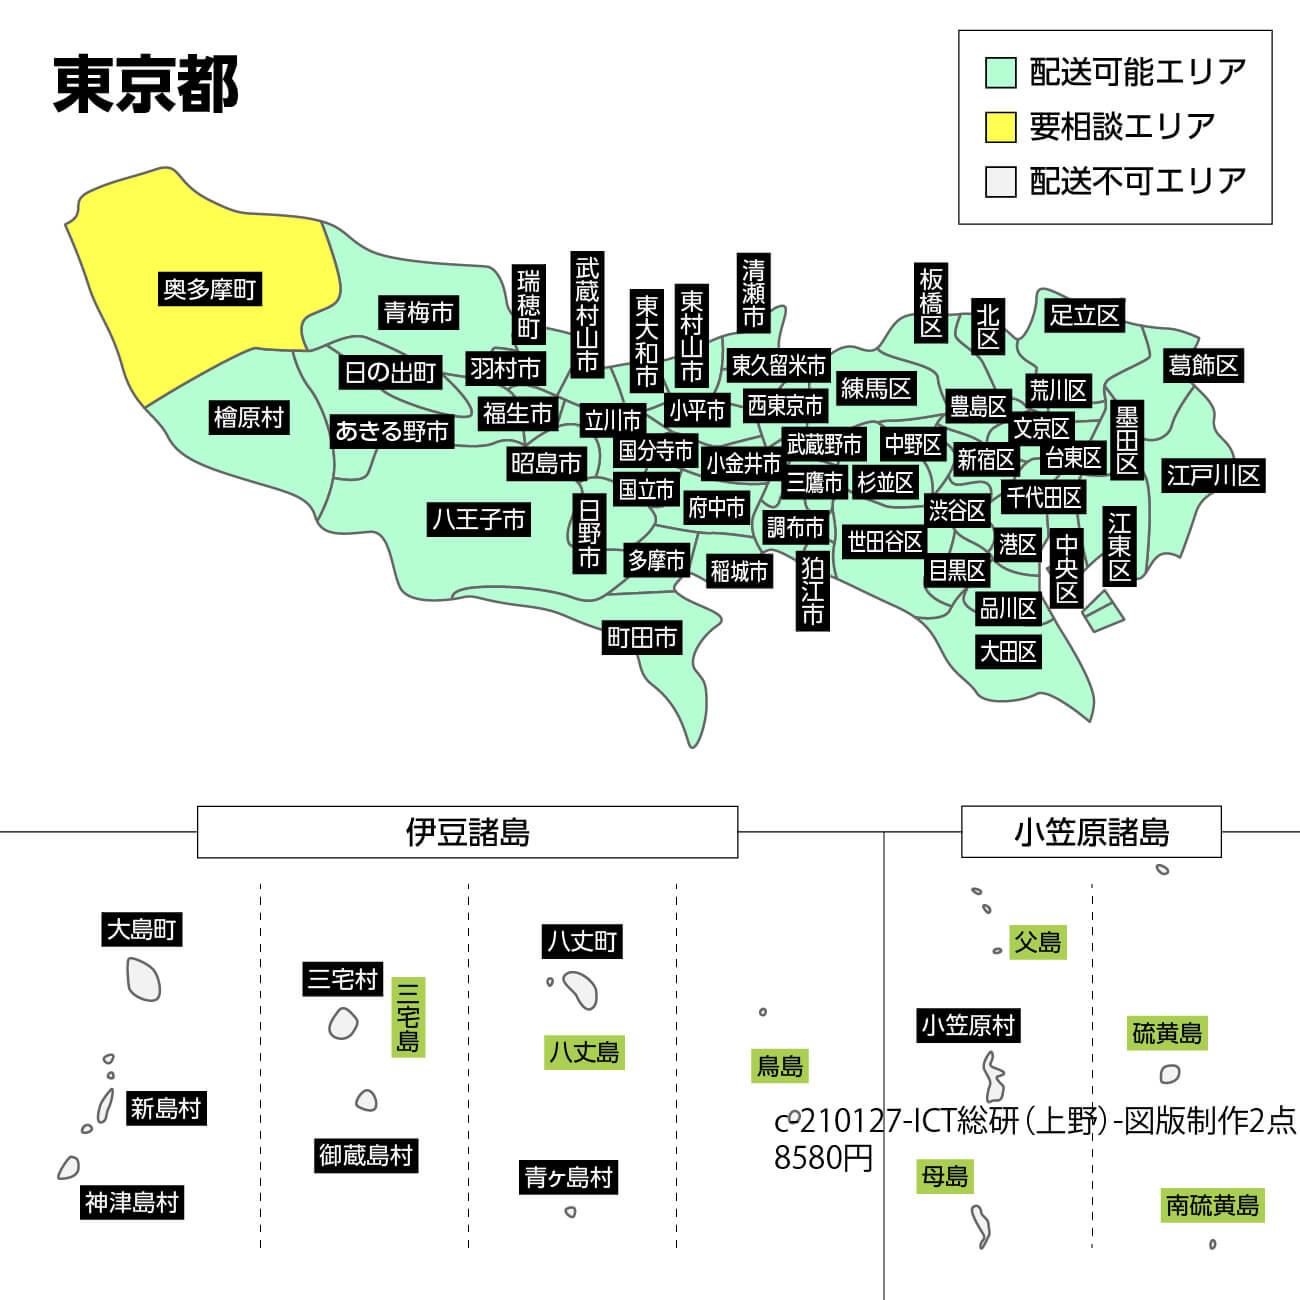 東京都の集荷可能エリア